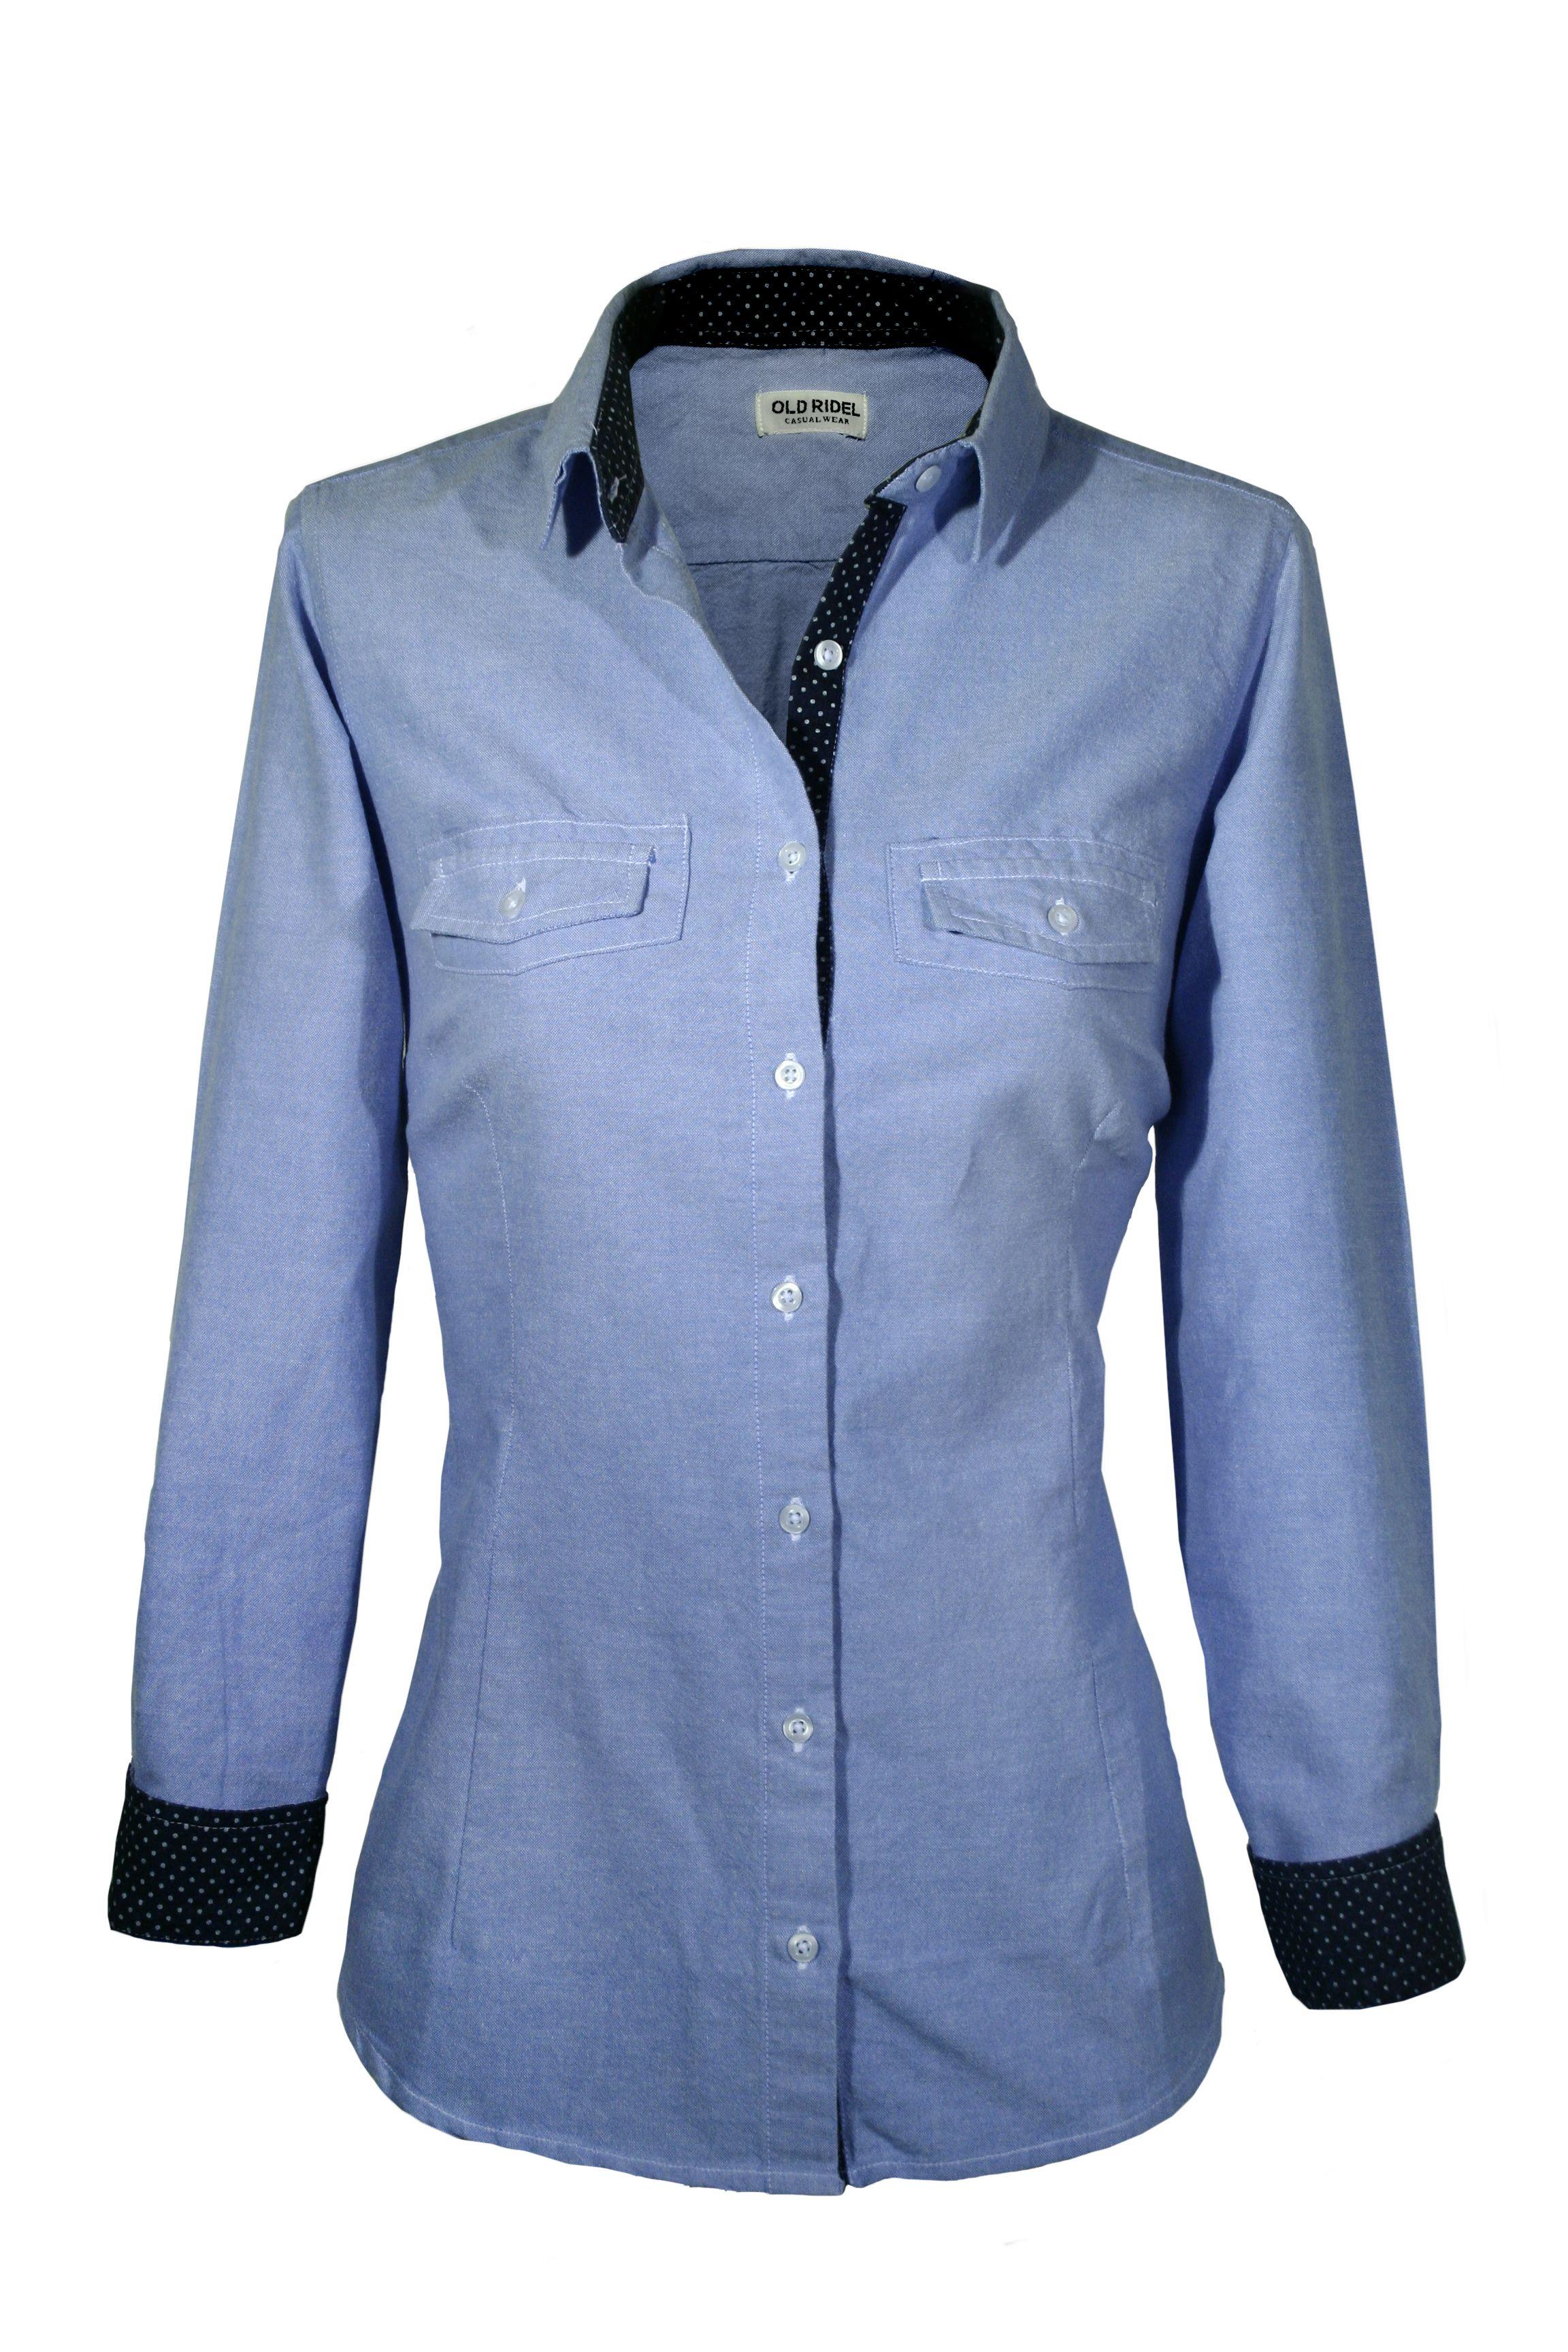 c376e06b5d8f Camisa mujer Oxford lisa azul, con detalles en los puños y cuello ...